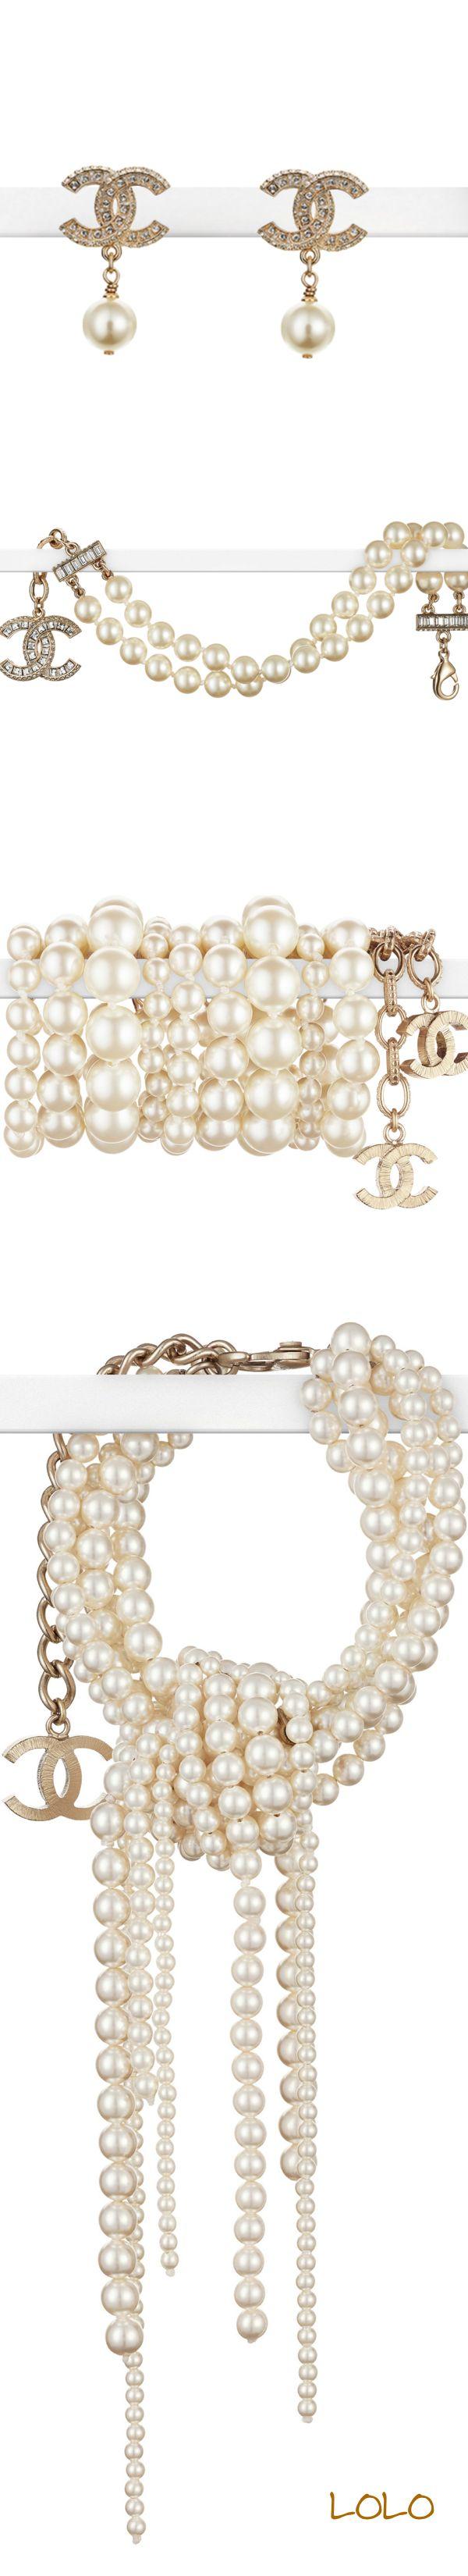 Chanel......$$$$$.........http://www.pinterest.com/cedsurfer/accessories/